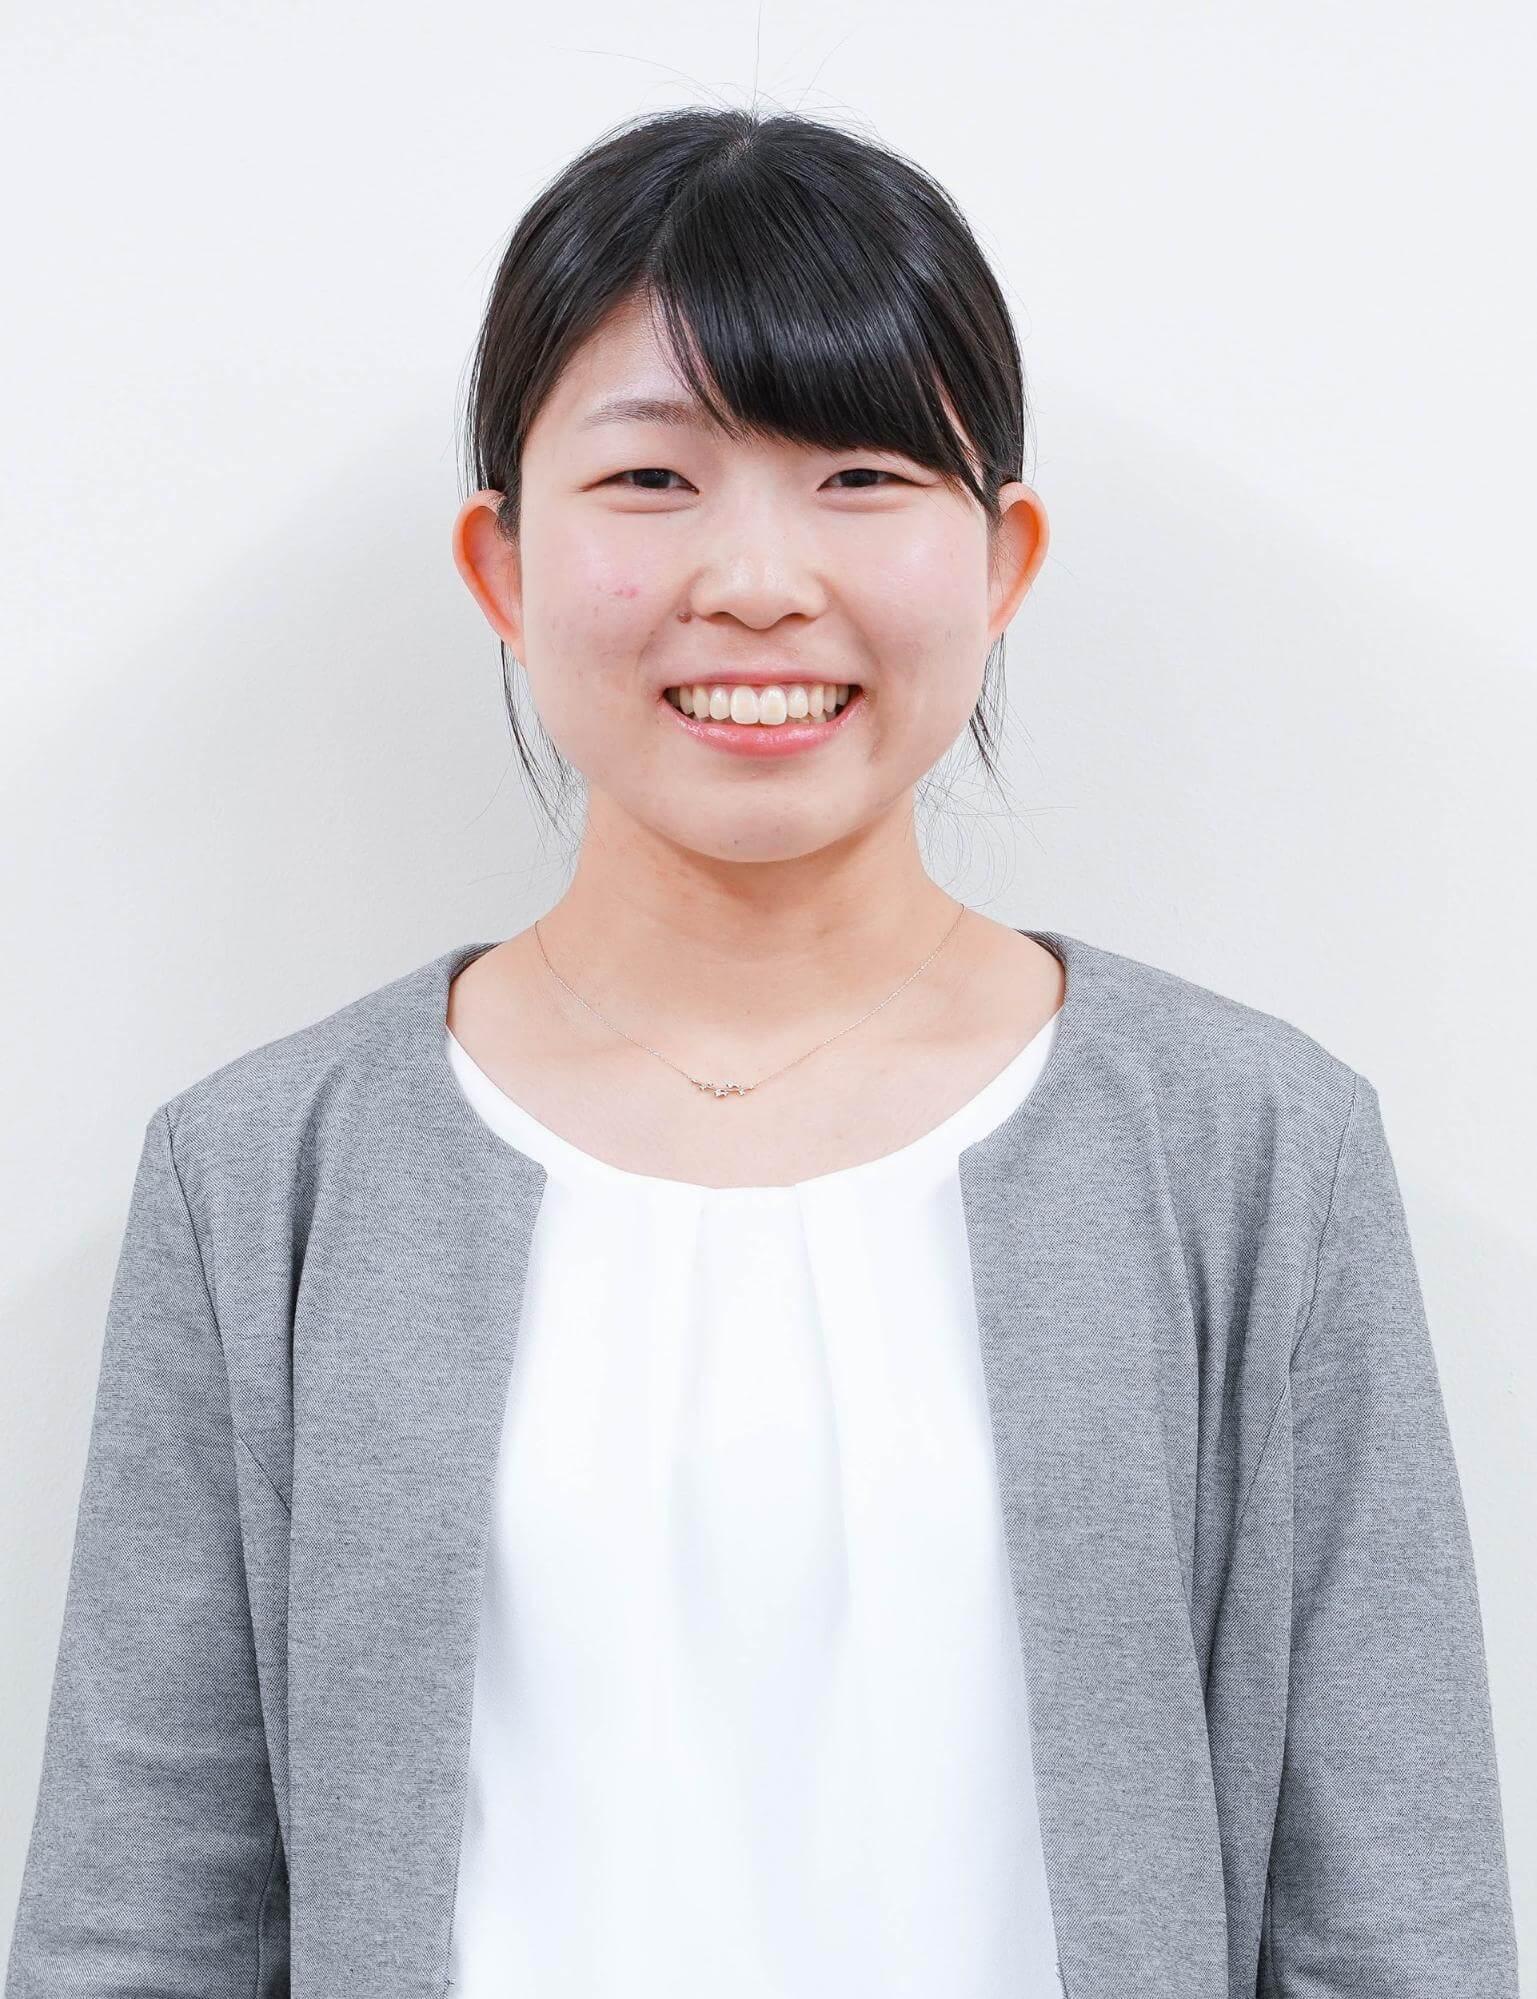 島越 彩香<br>SHIMAKOSHI SAYAKA